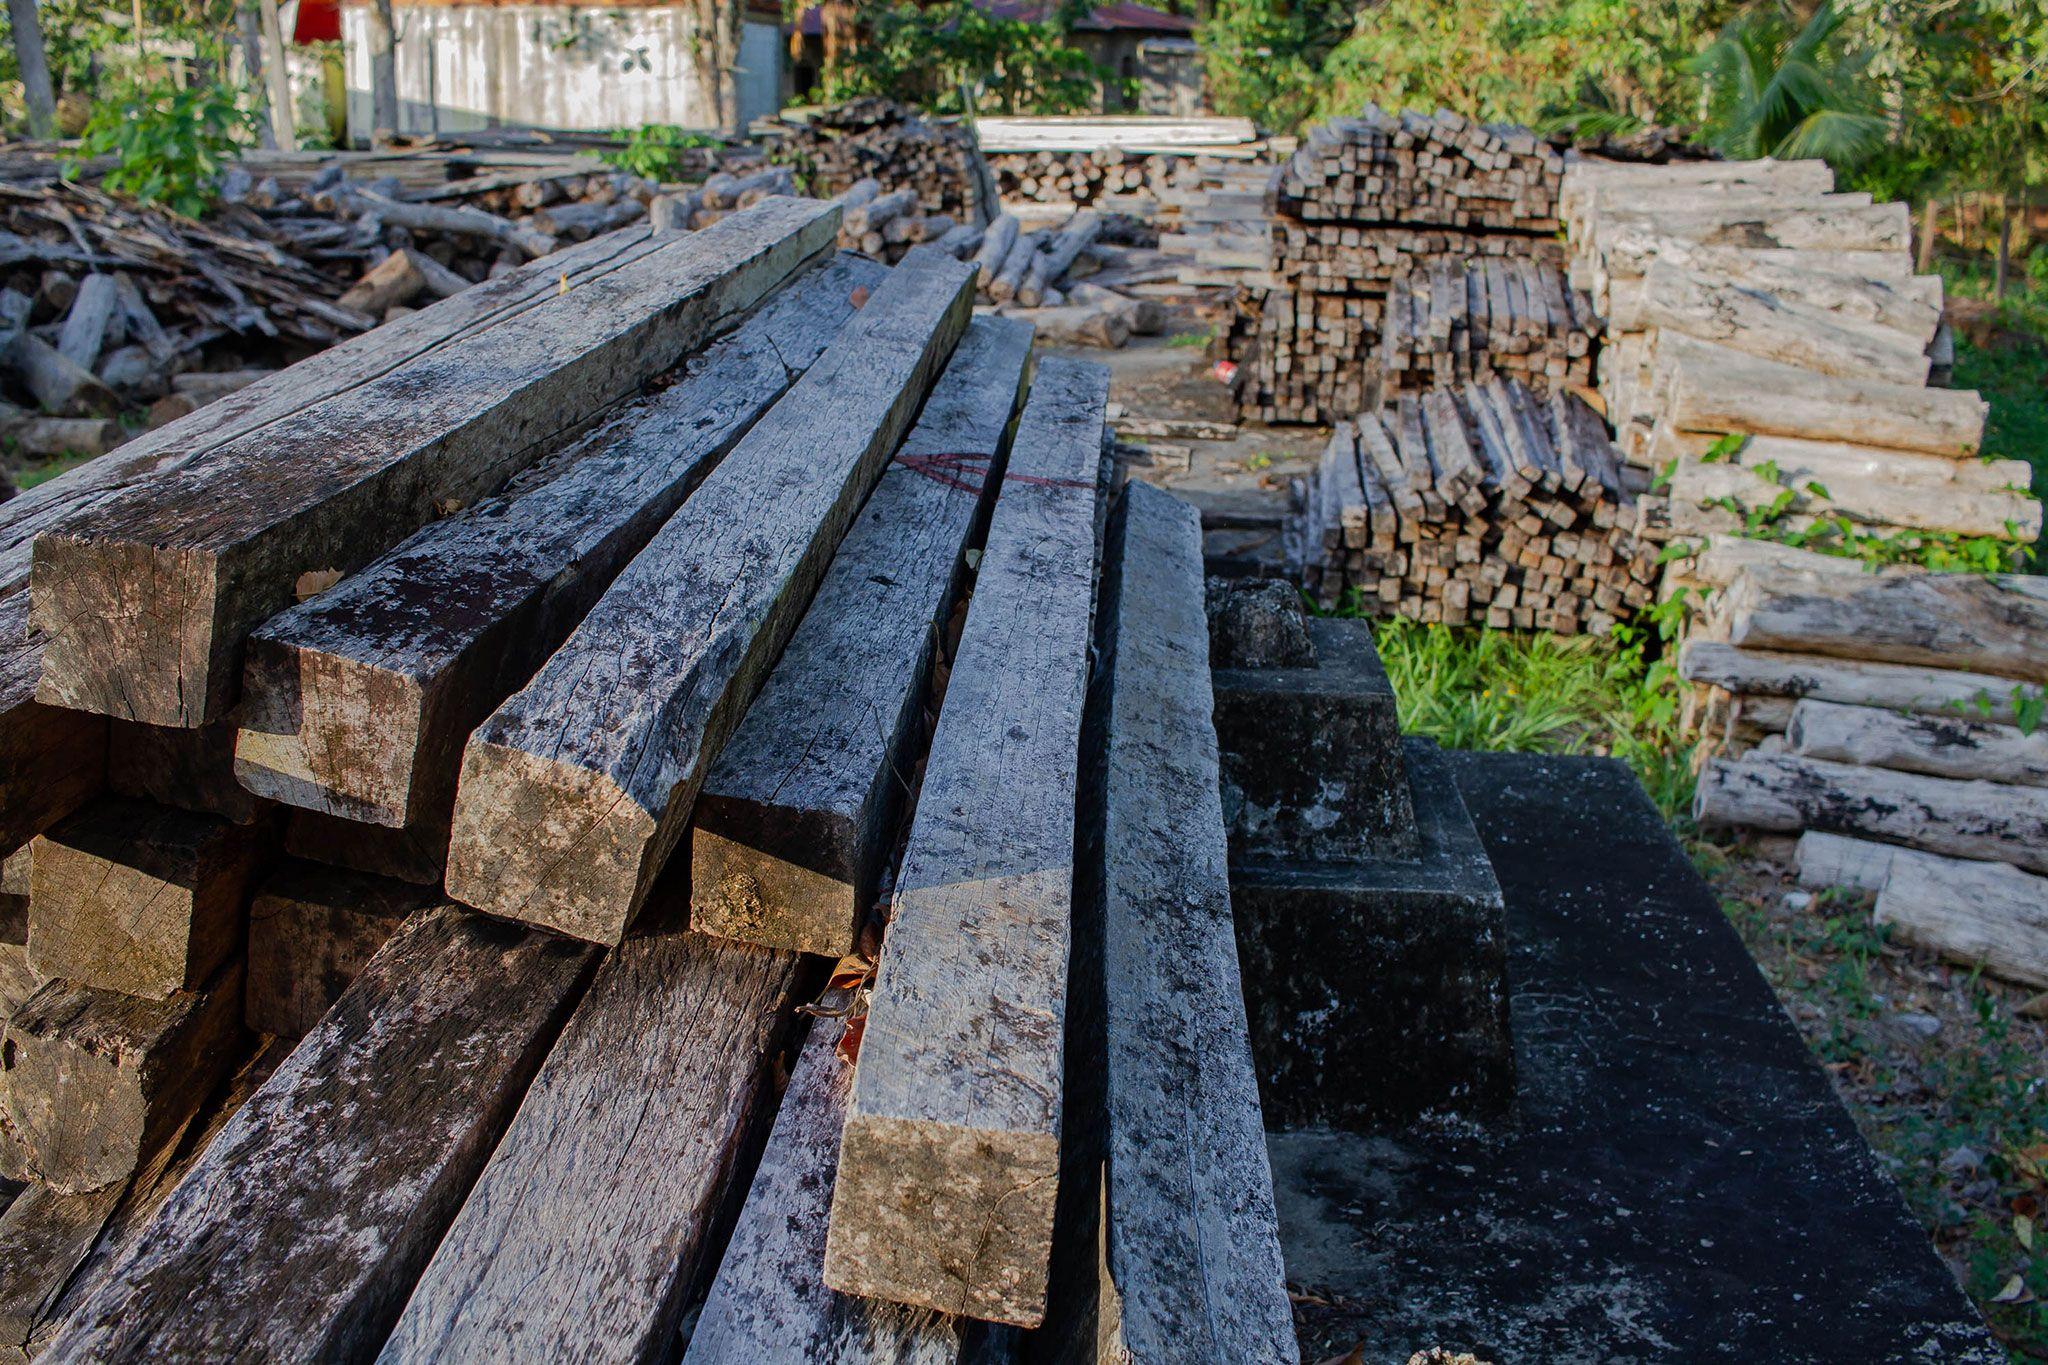 Resultado de imagen para troncos de árboles abandonados en aserrío